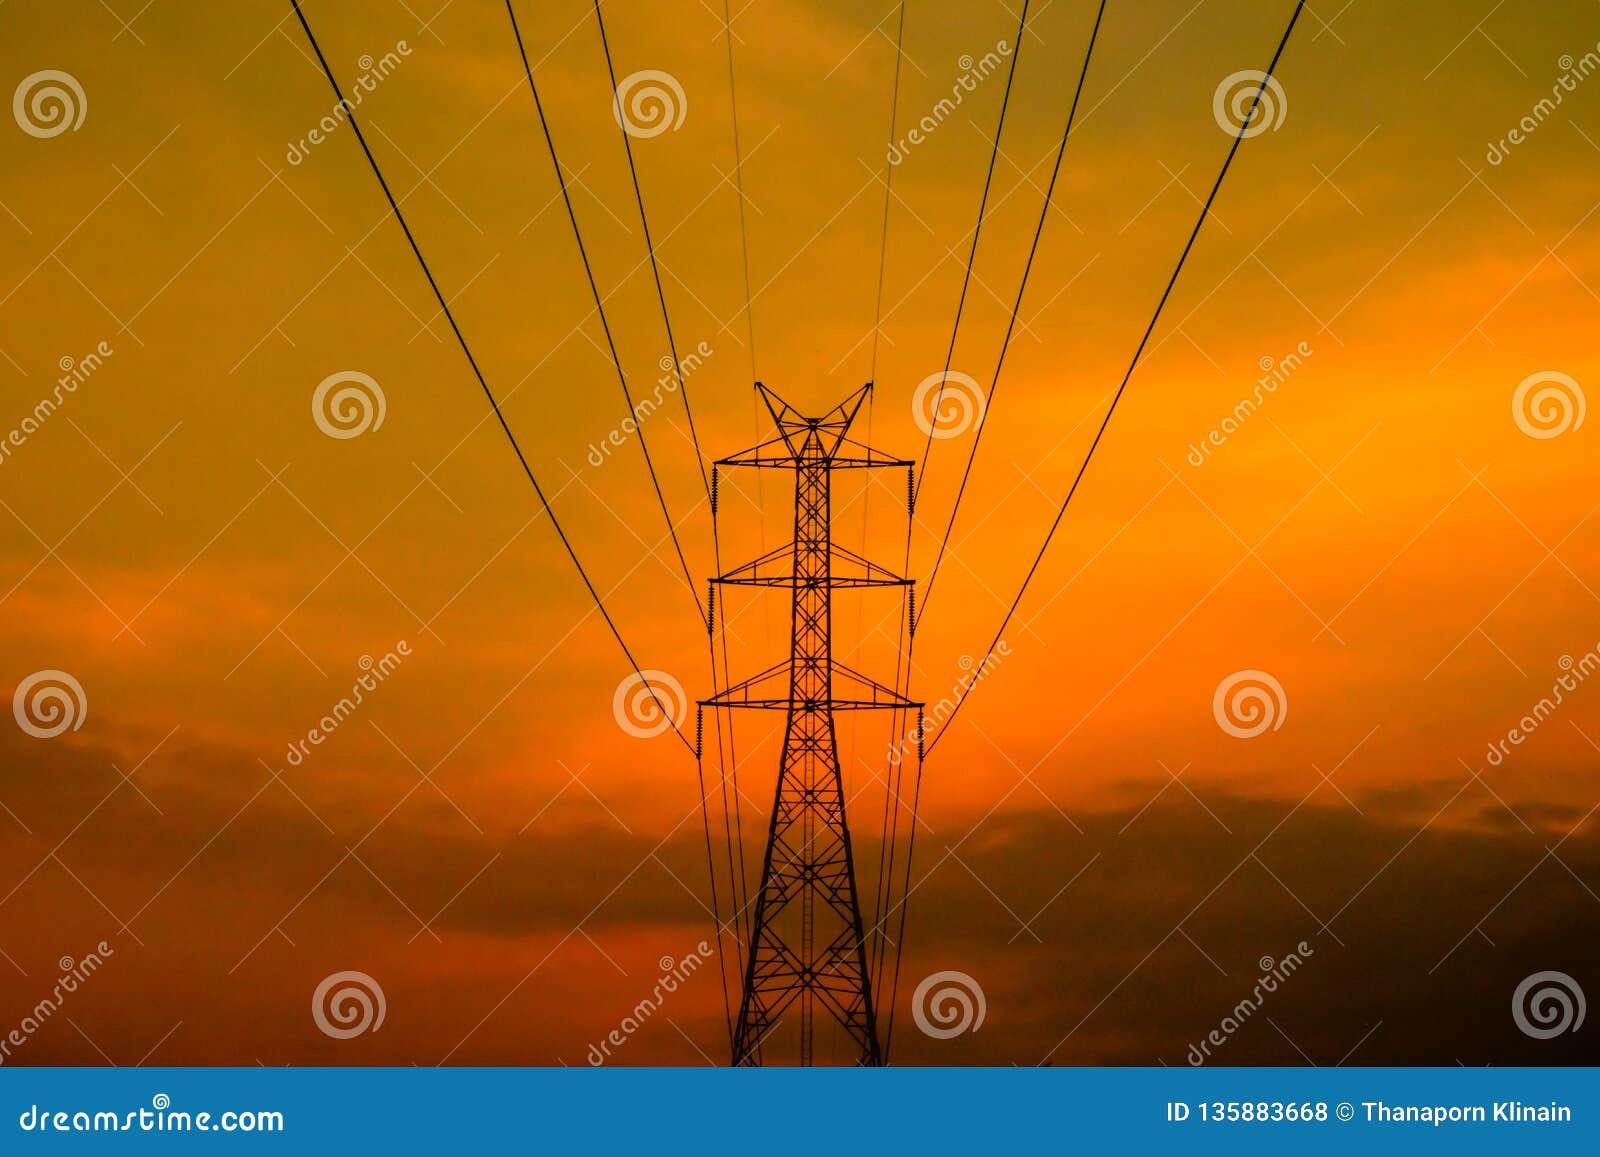 Высоковольтная электрическая опора с небом захода солнца